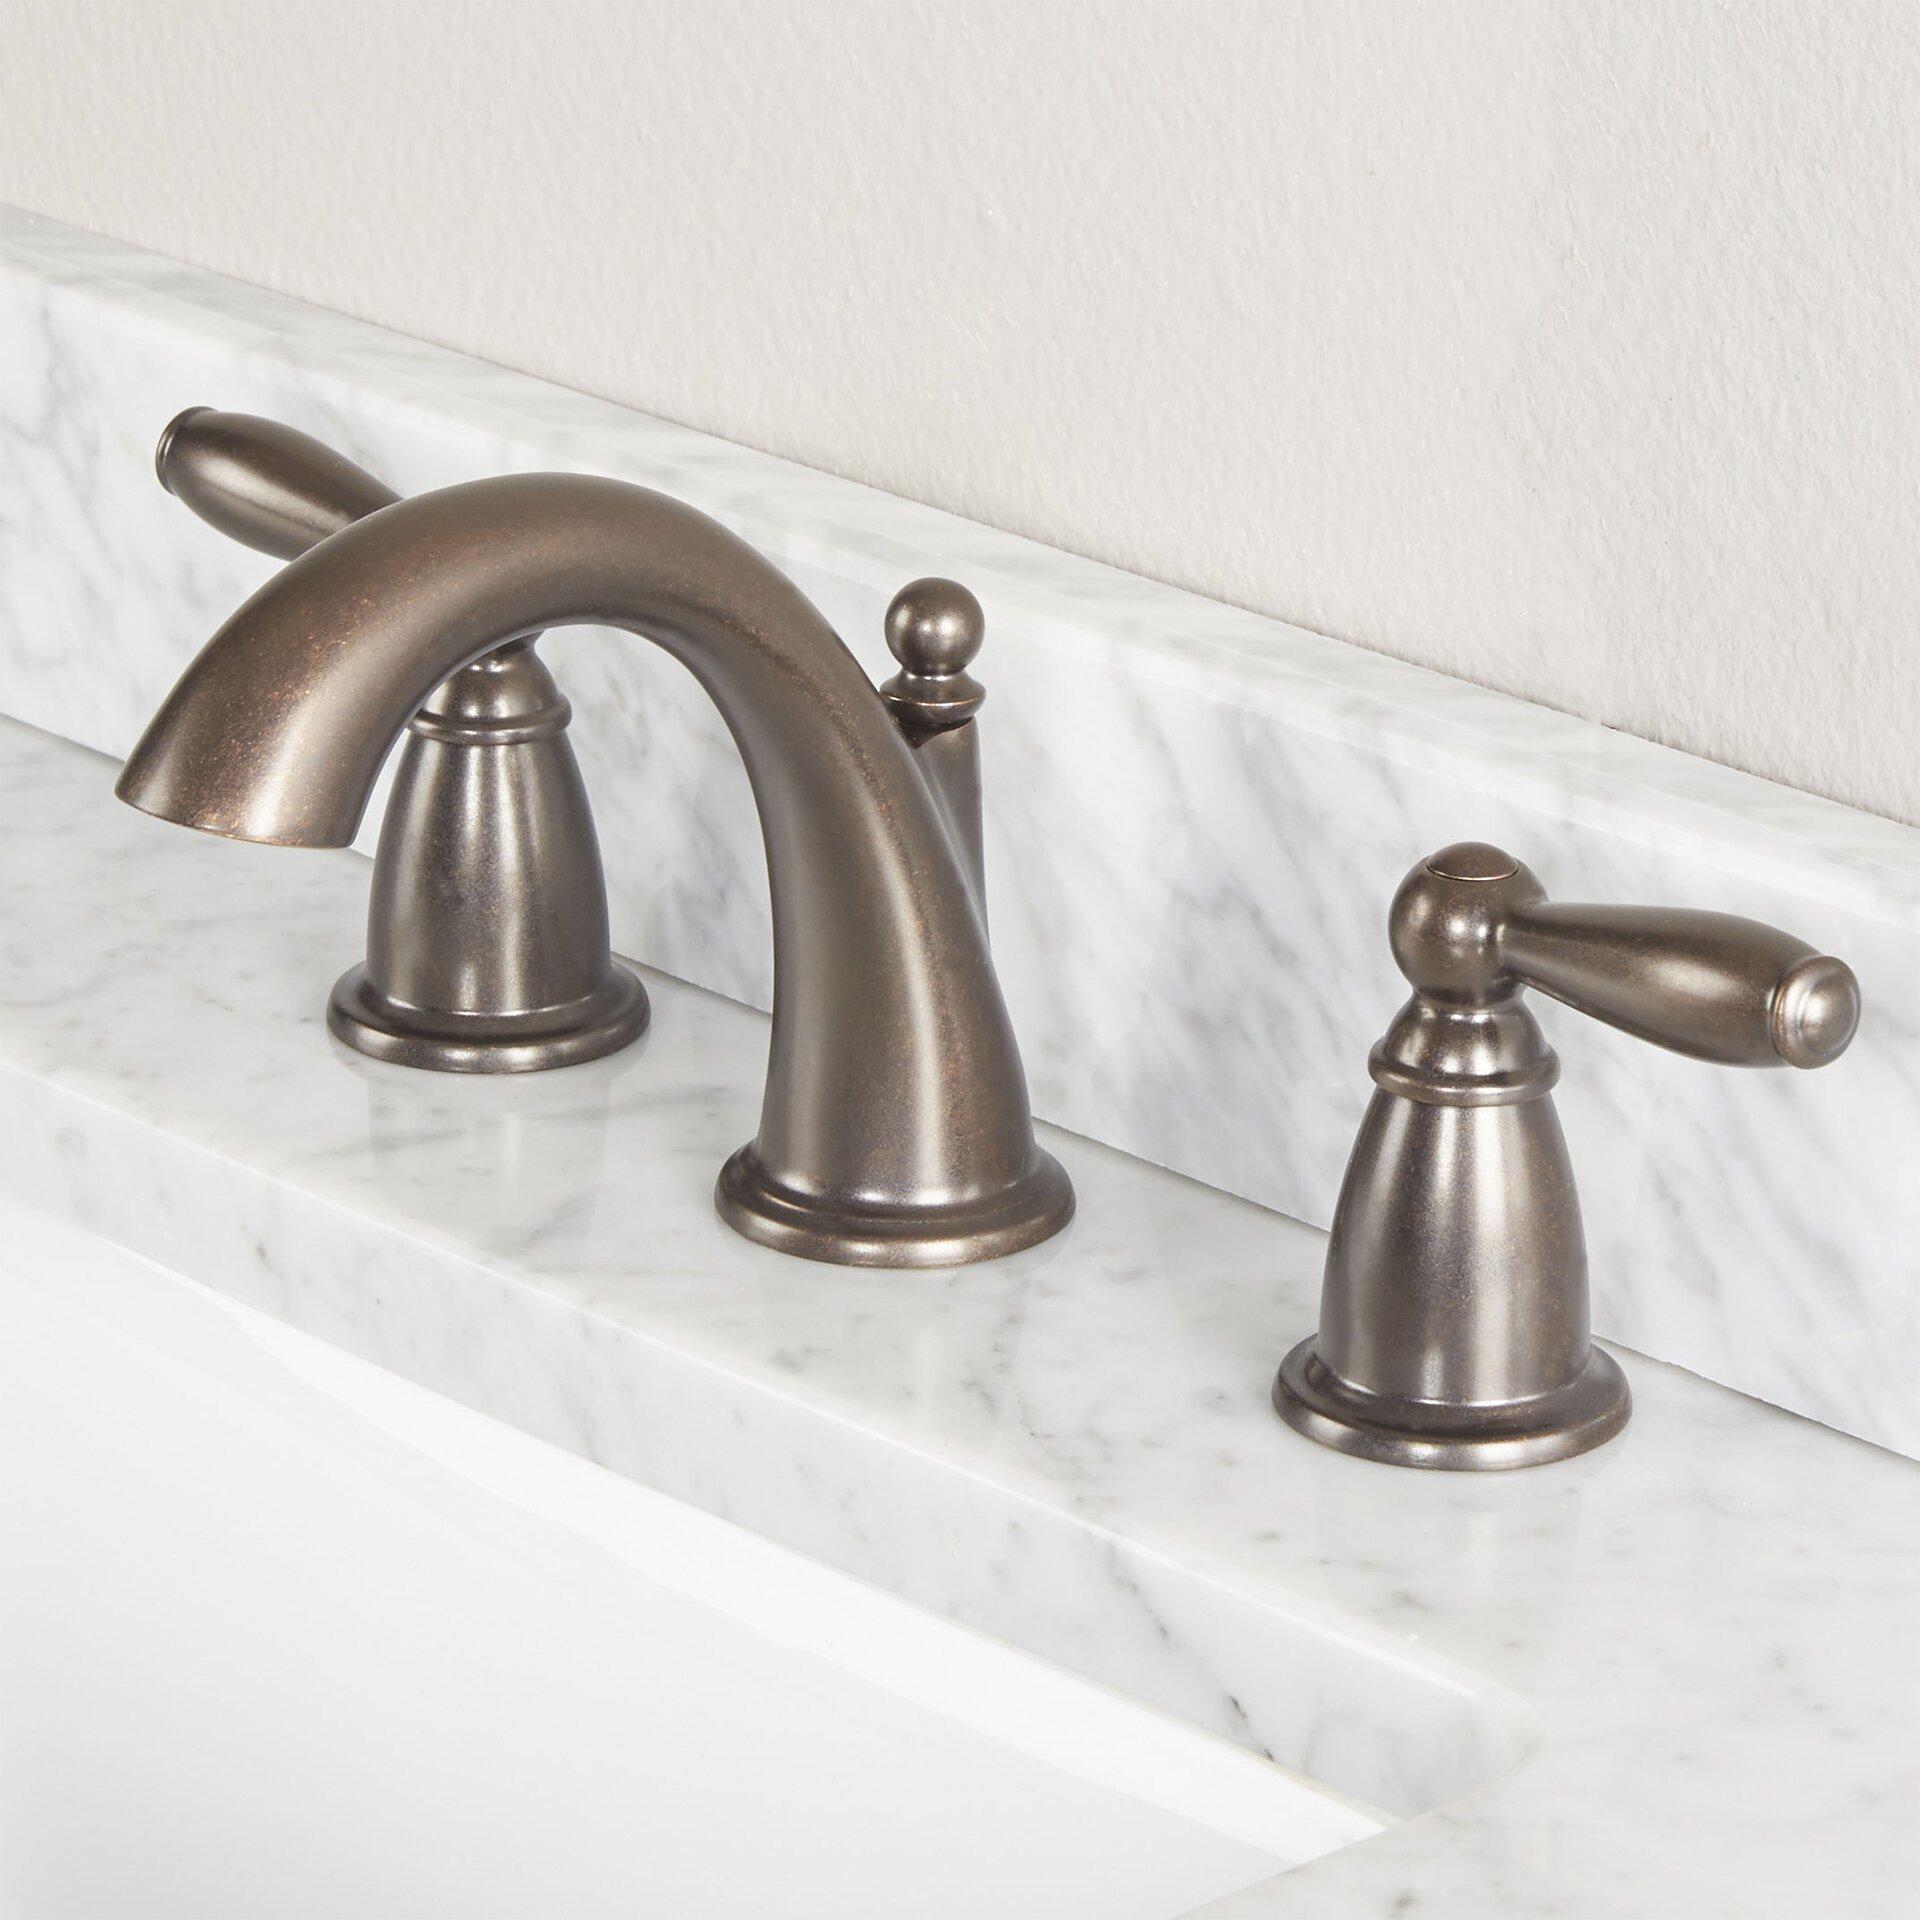 moen brantford double handle widespread standard bathroom moen 6810 method single handle low arc bathroom faucet